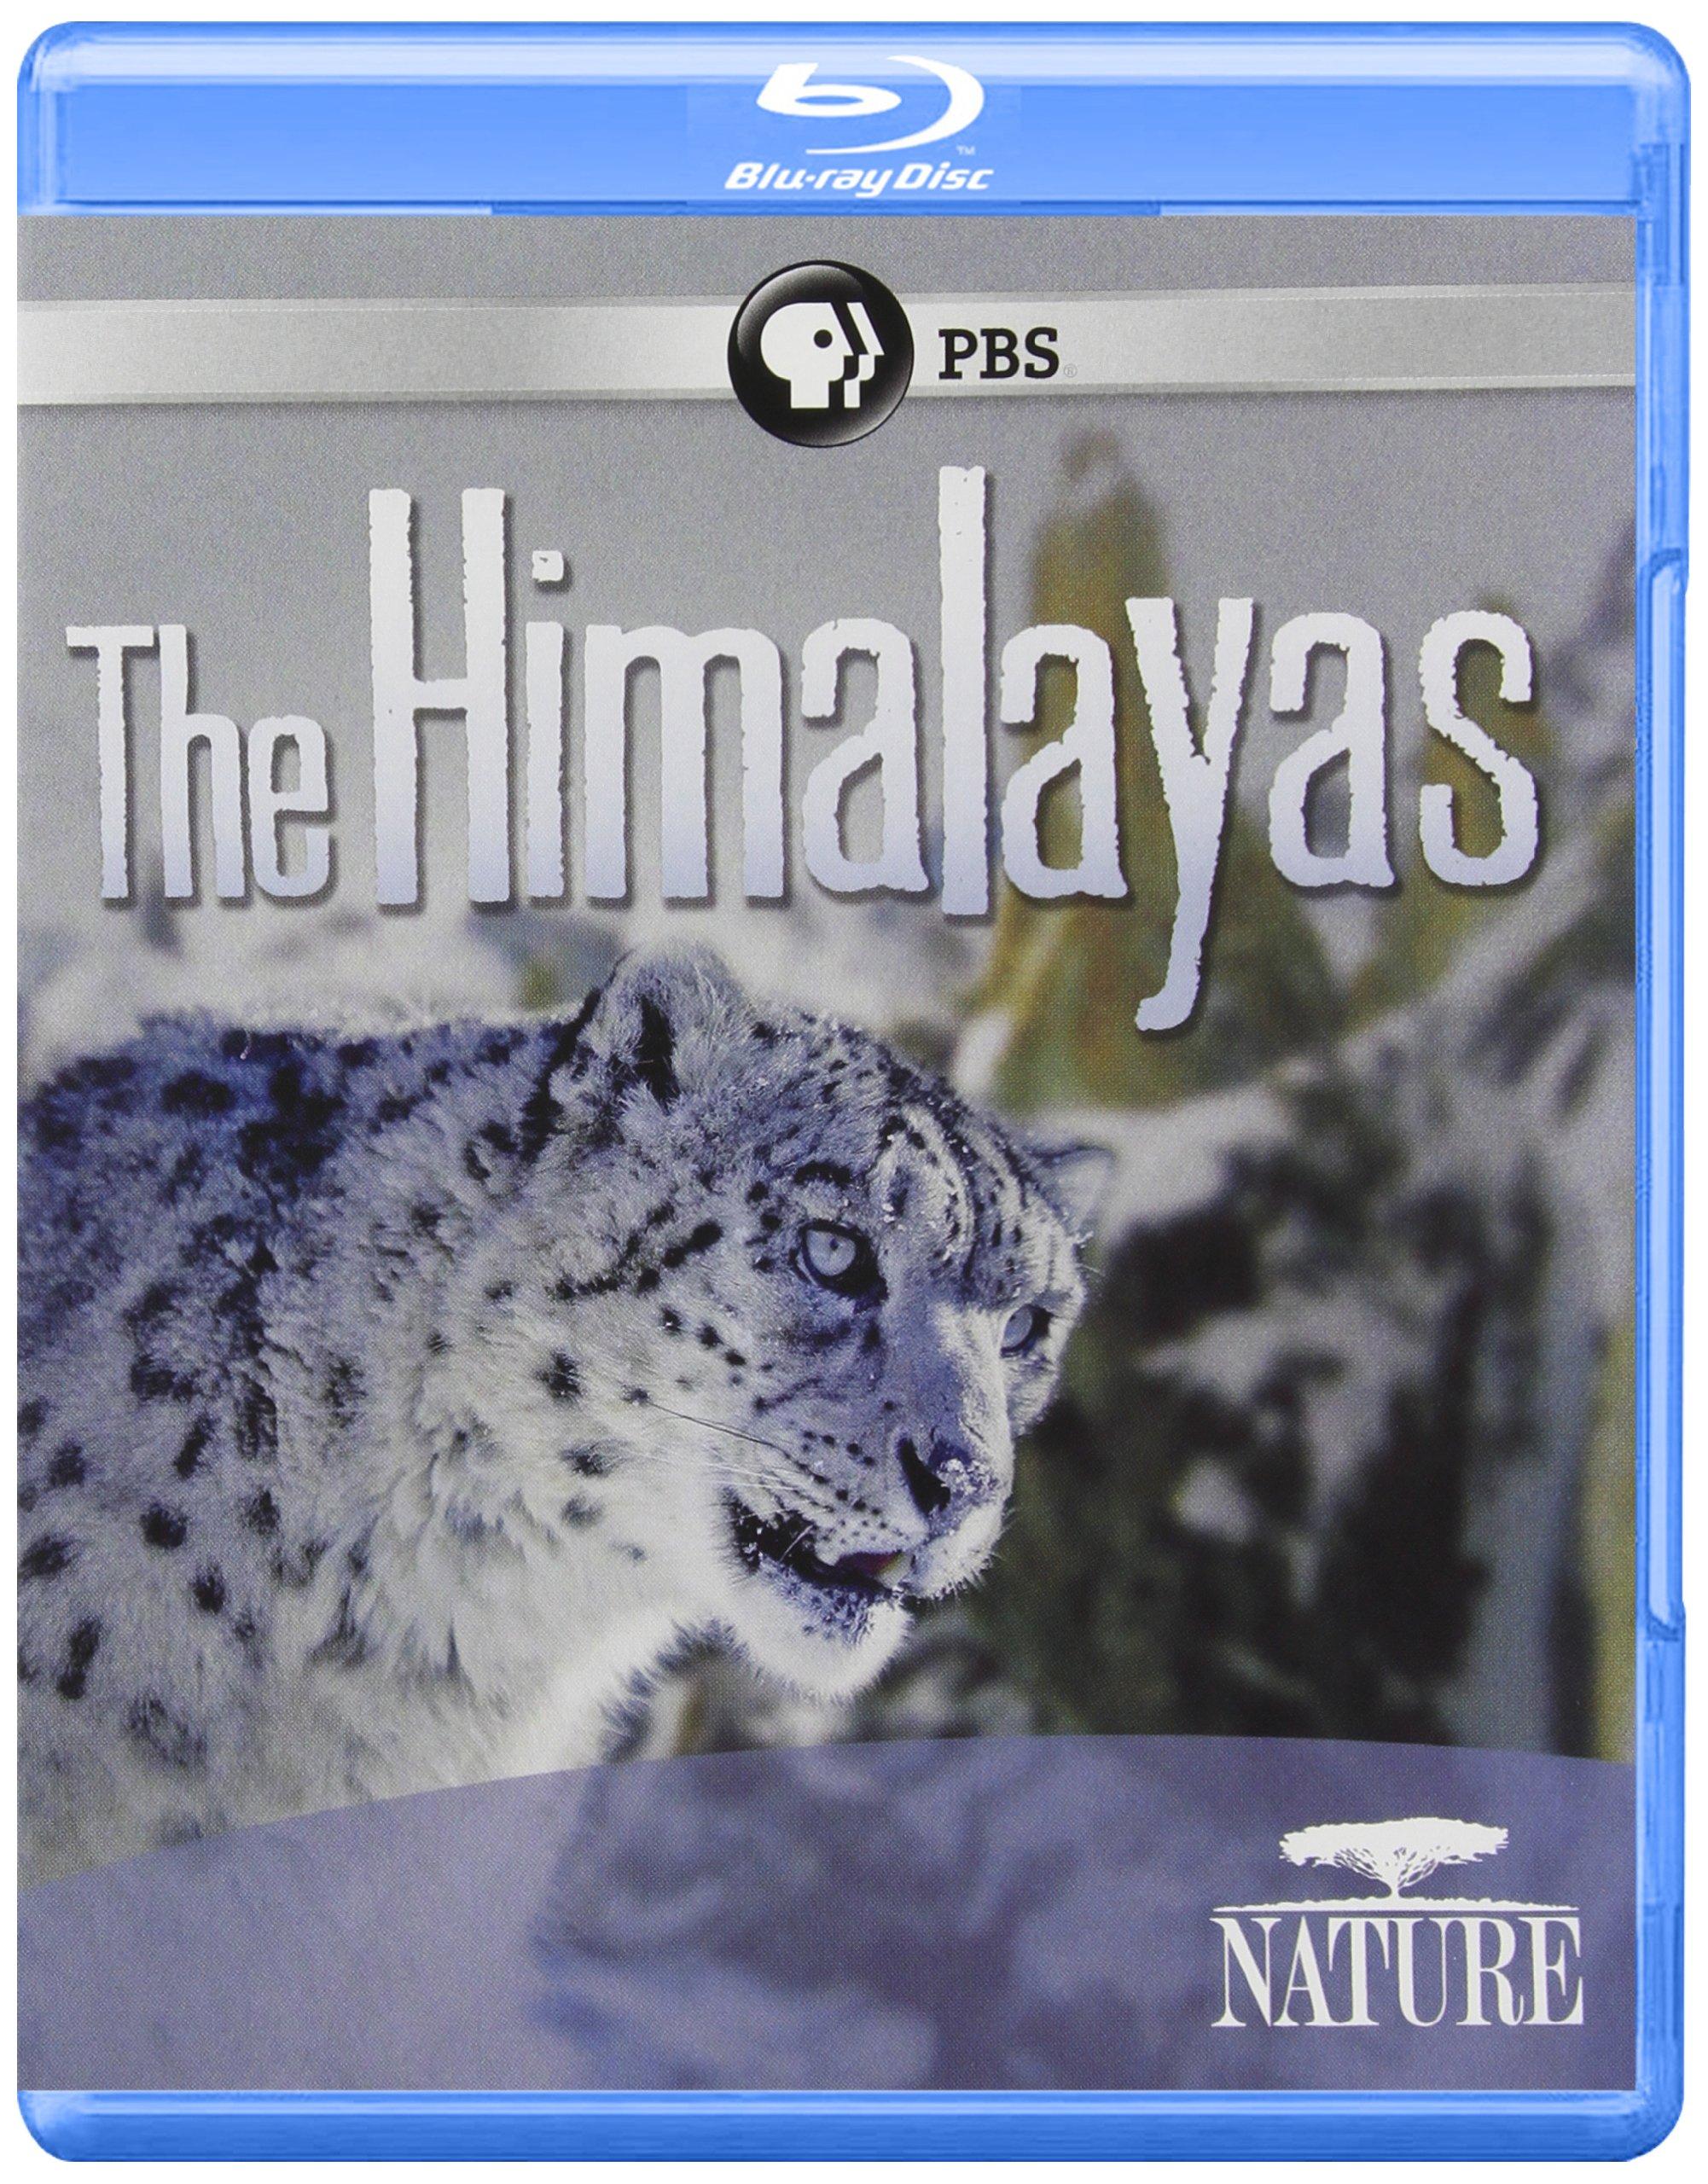 Blu-ray : Nature: The Himalayas (Blu-ray)